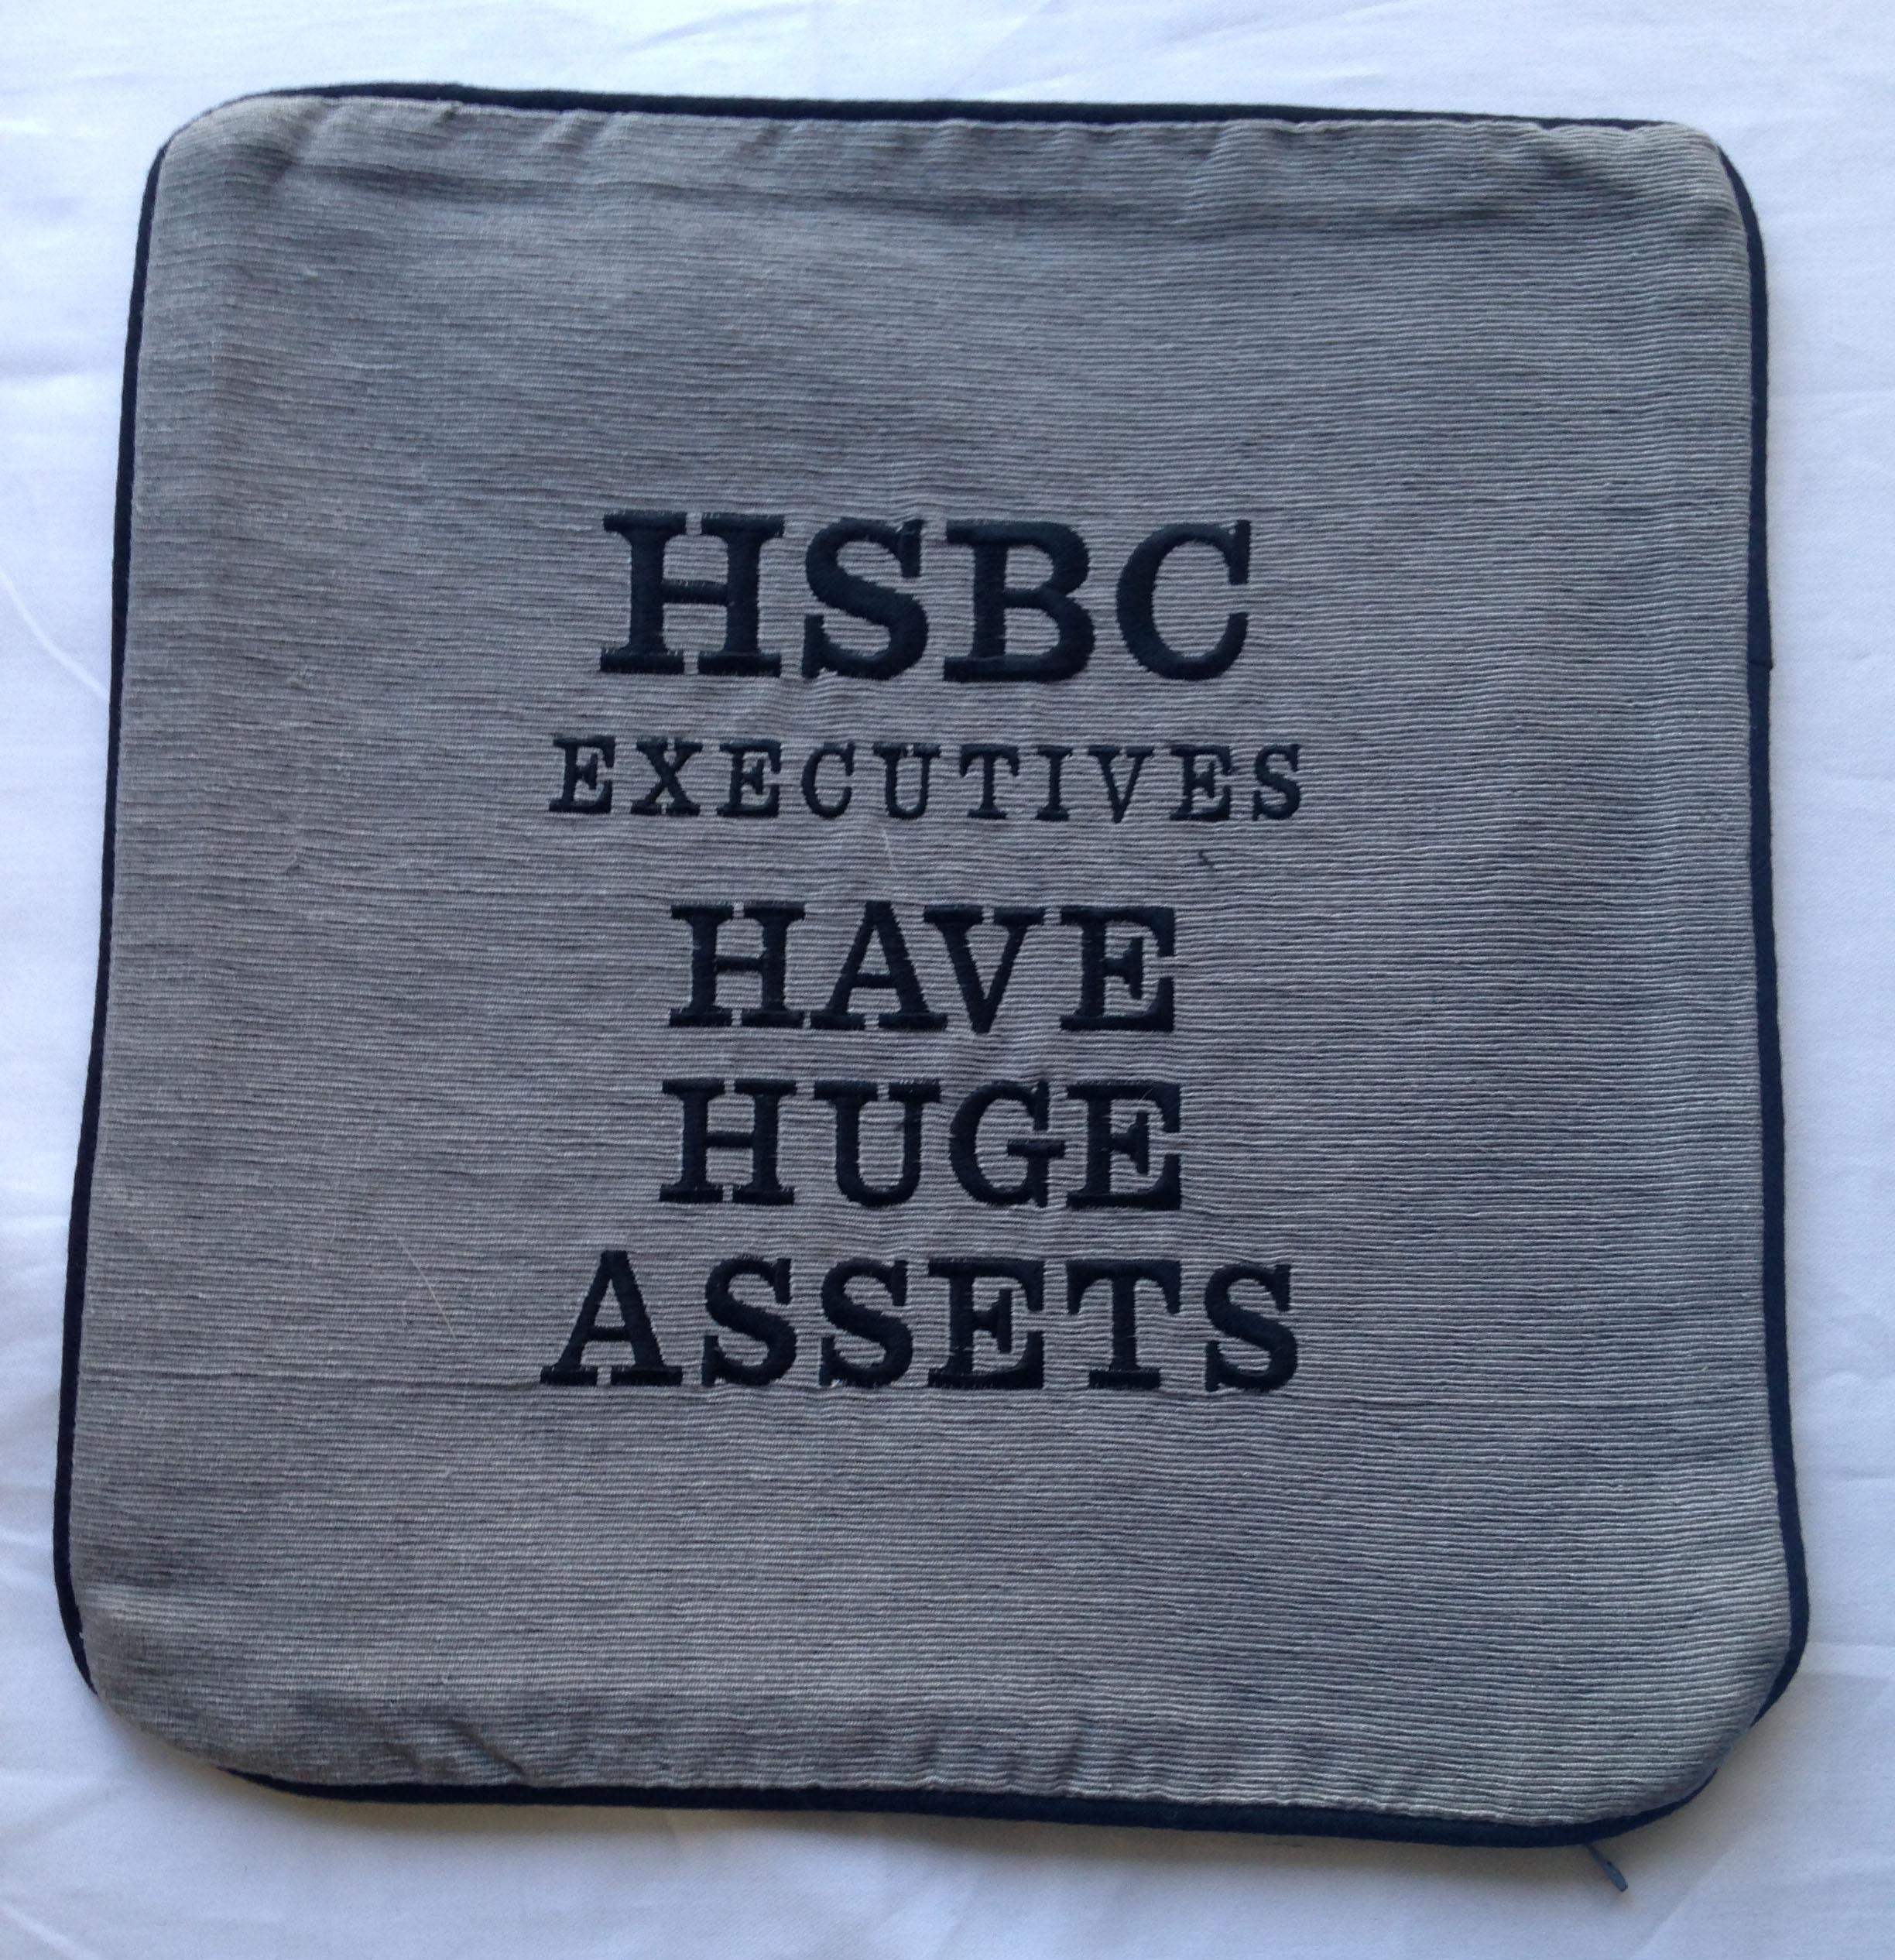 HSBC (assets) - Occupations, firms